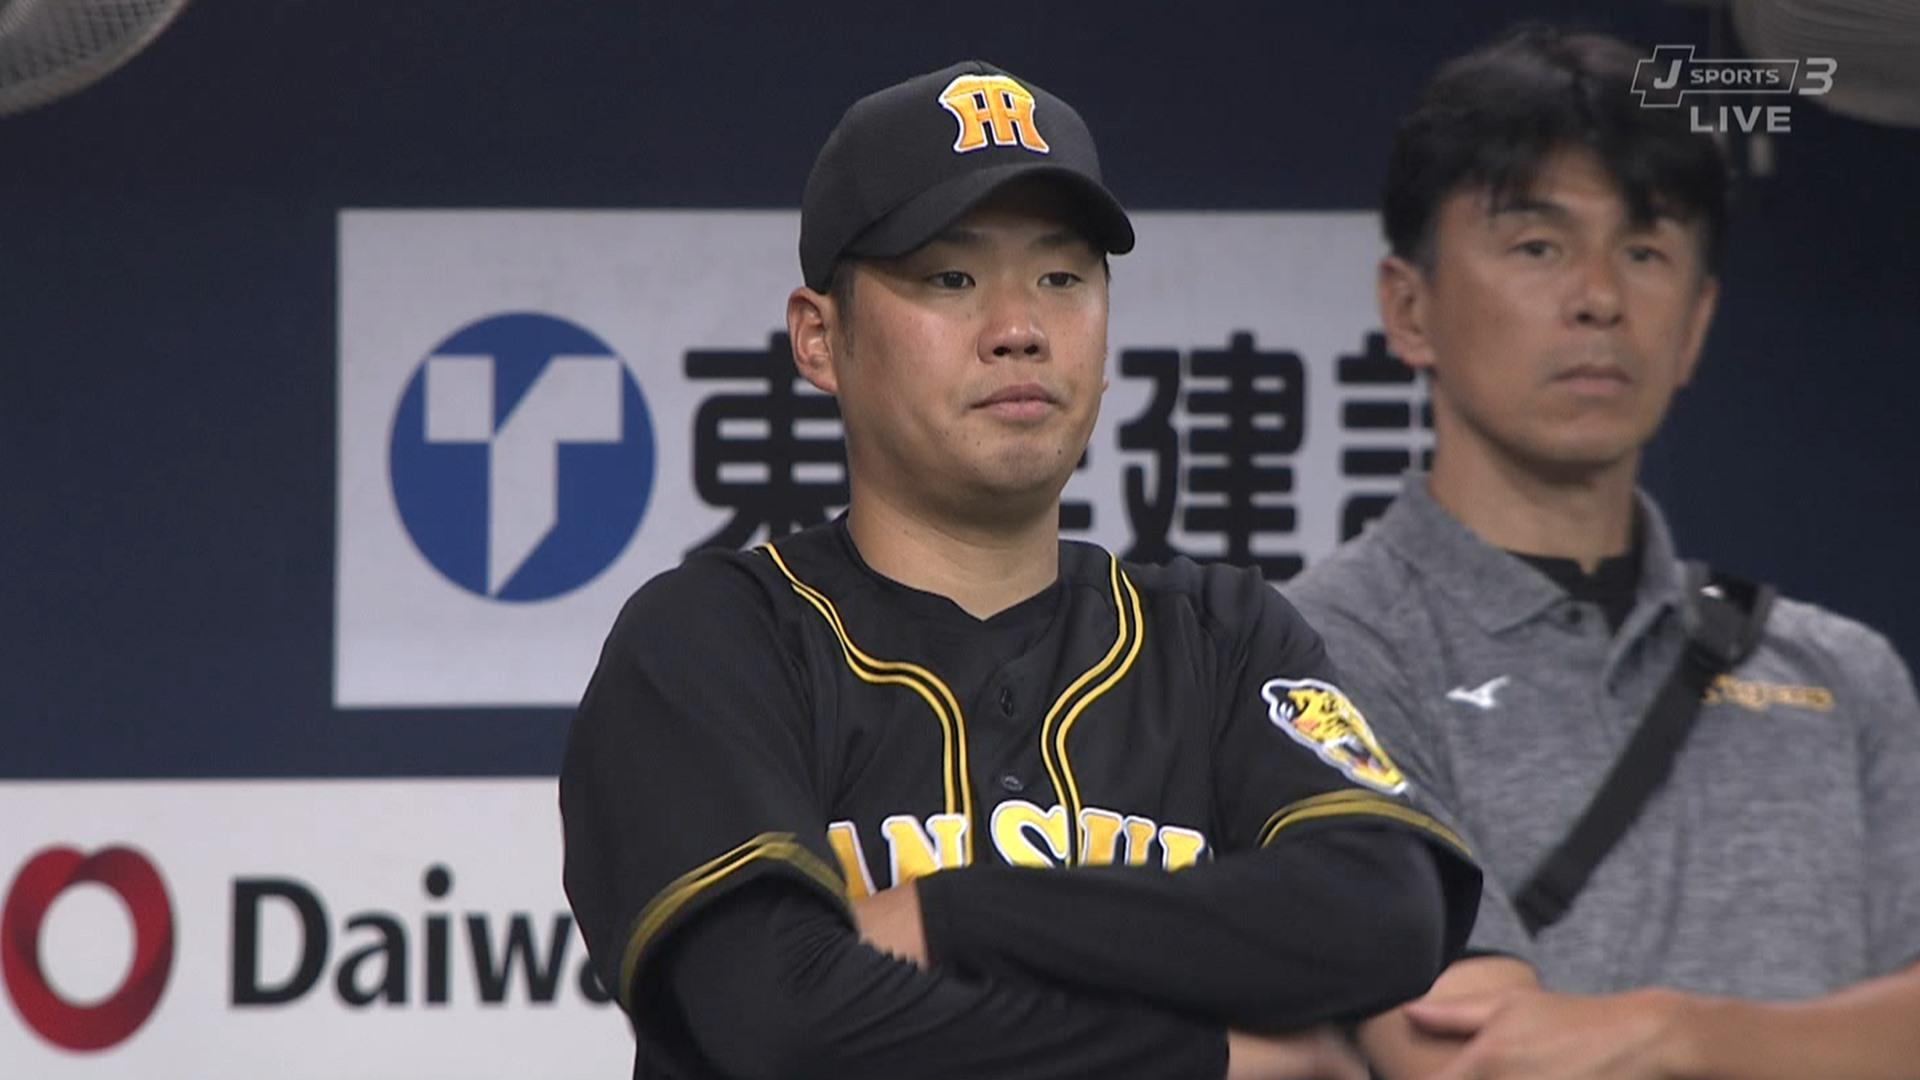 阪神・西、古巣オリックス相手に勝利ならず